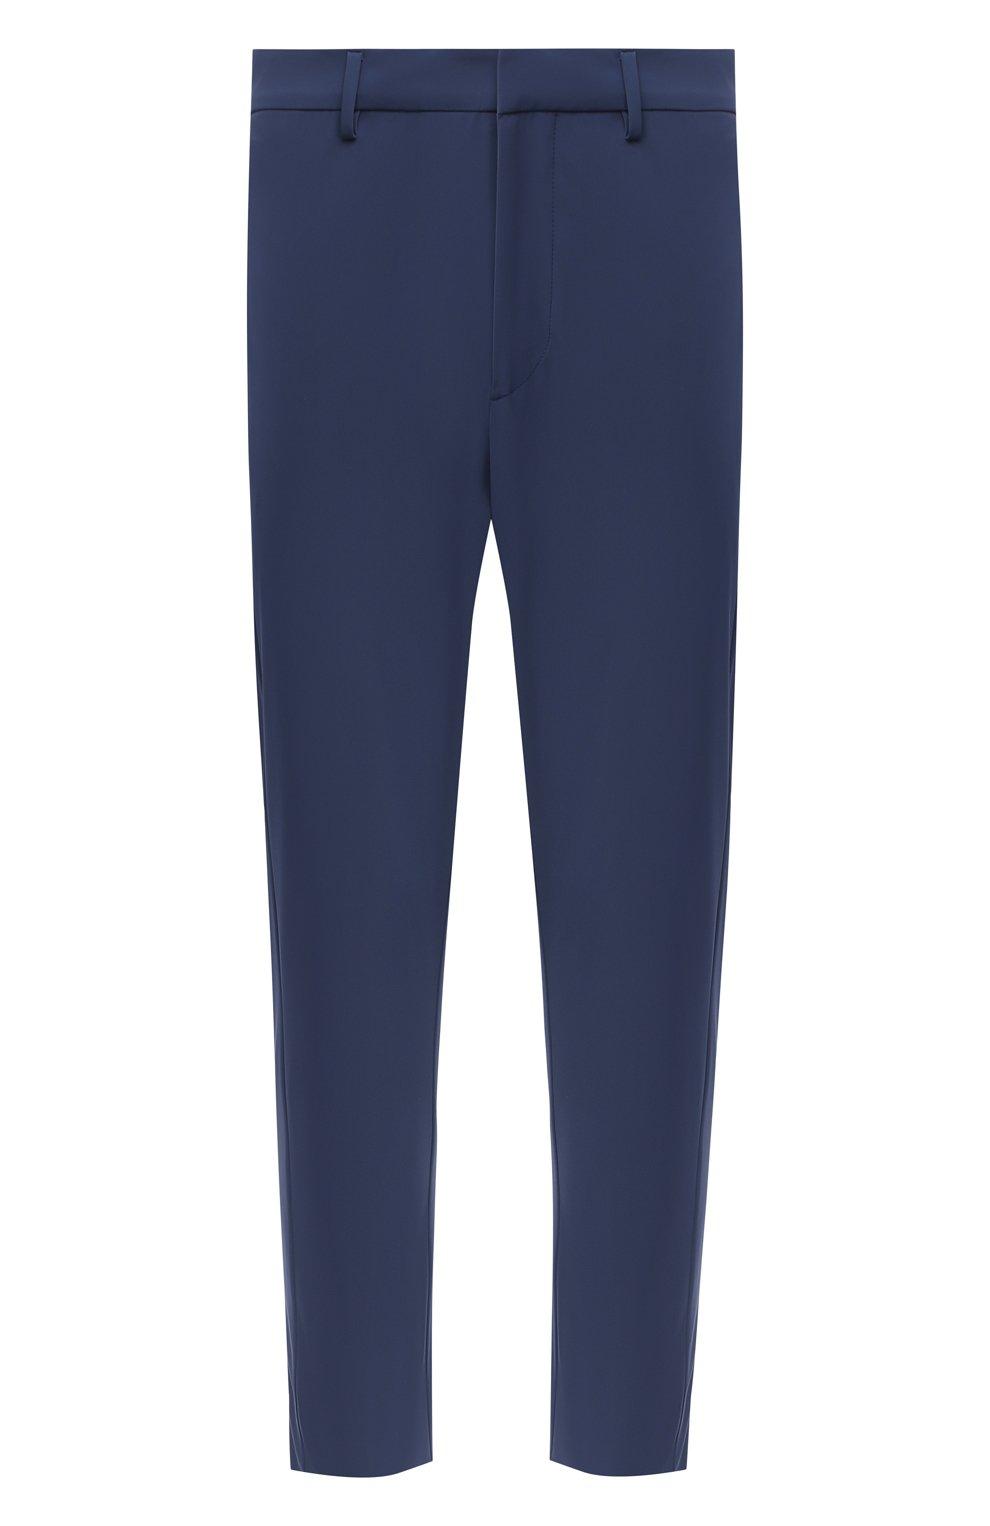 Мужские брюки PRADA синего цвета, арт. SPF94-1KJW-F0YNV-191   Фото 1 (Длина (брюки, джинсы): Стандартные; Случай: Повседневный; Материал внешний: Синтетический материал; Стили: Кэжуэл)